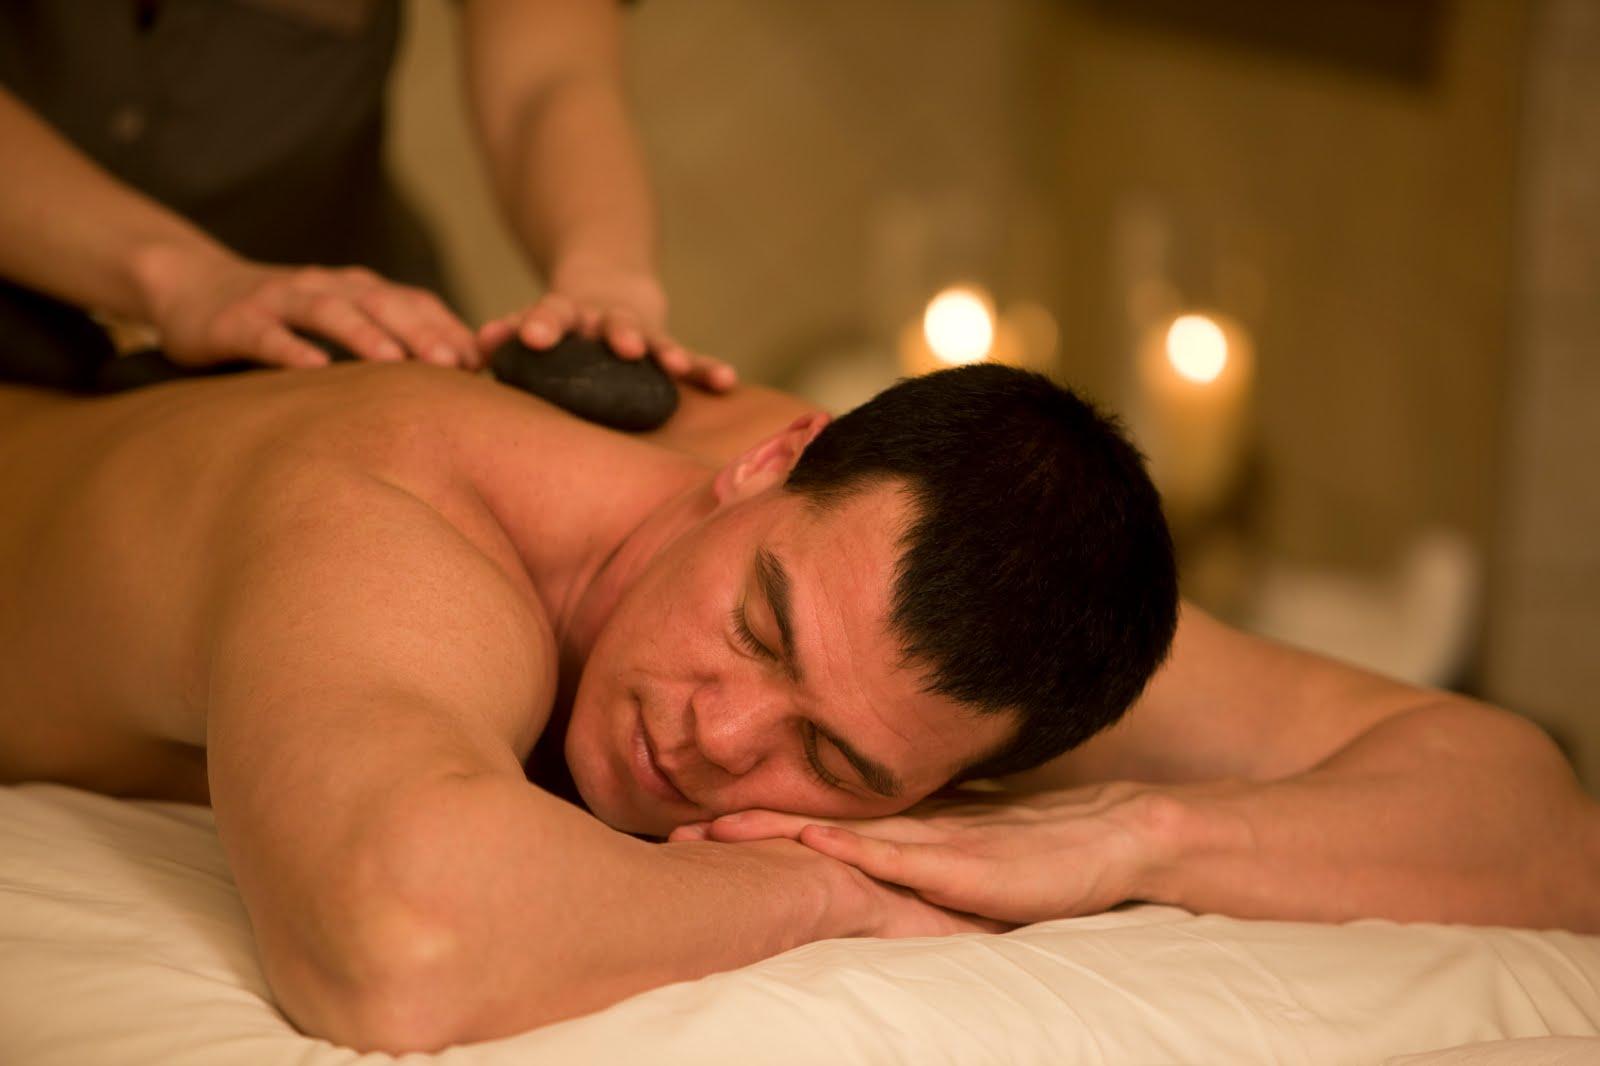 b2b erotic massage gay vill du ha sex